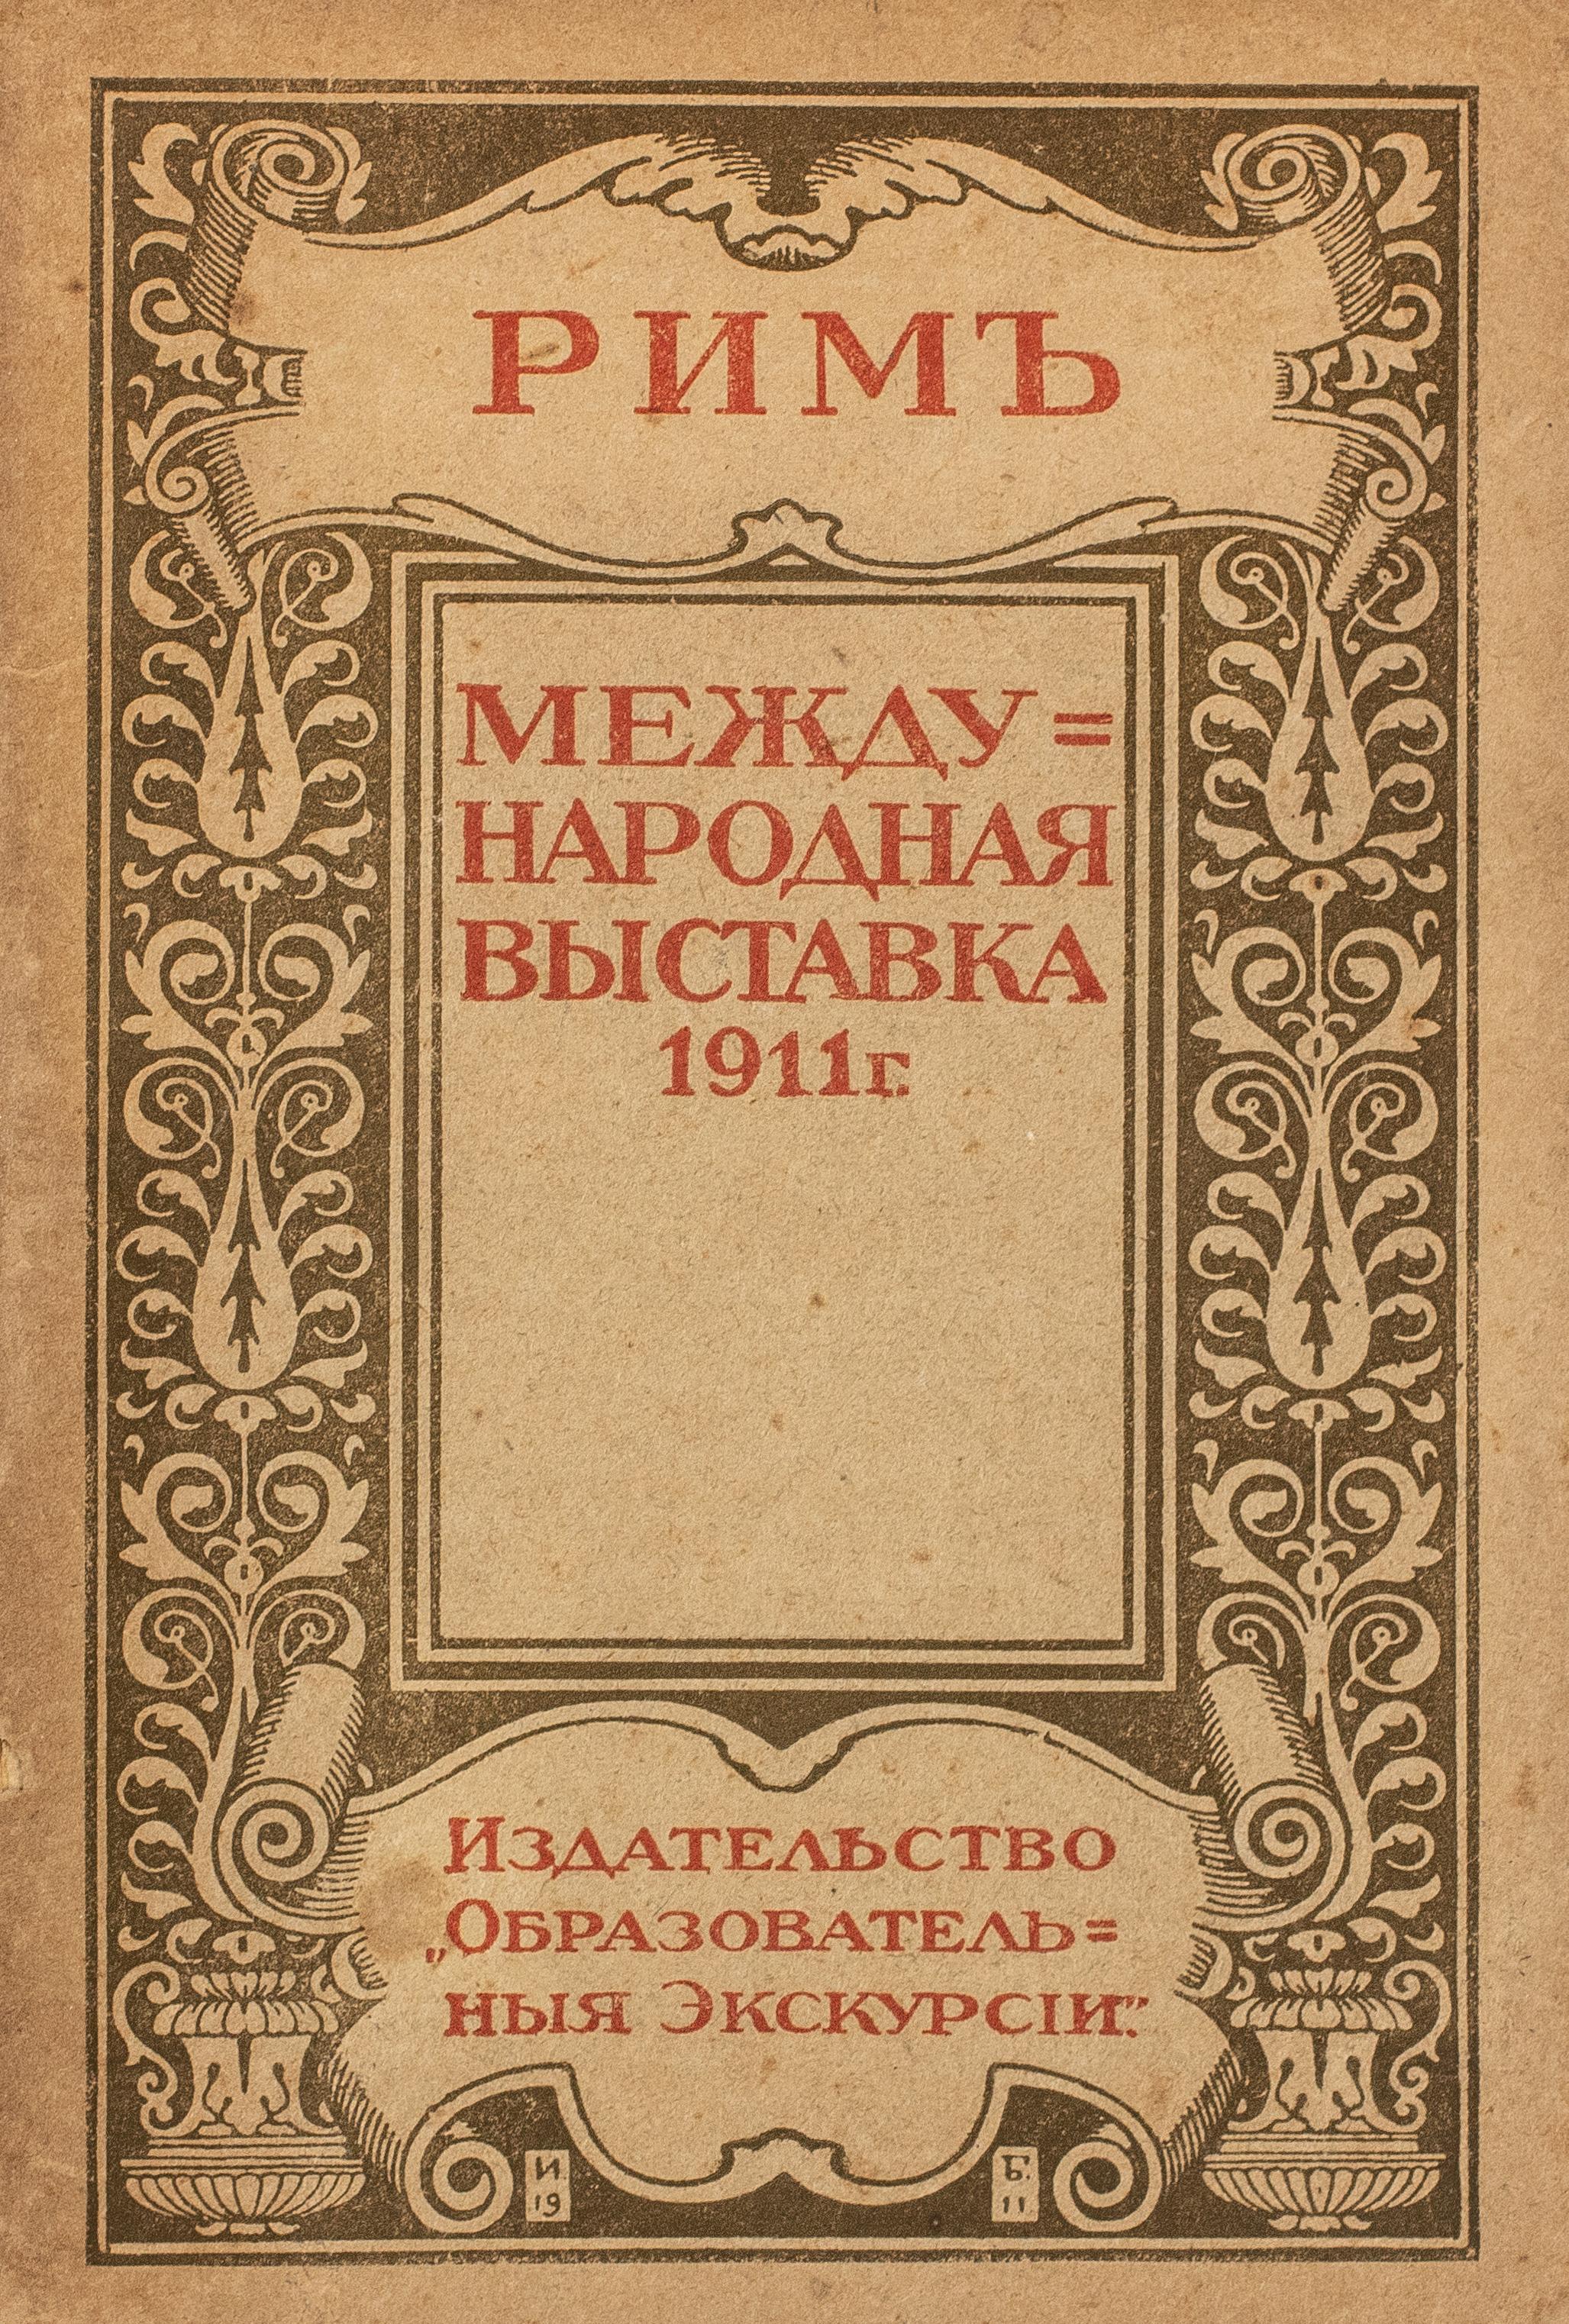 Lot 459 - [IVAN BILIBINE] Exposition internationnale des beaux-arts à Rome. Moscou, 1911. [...]